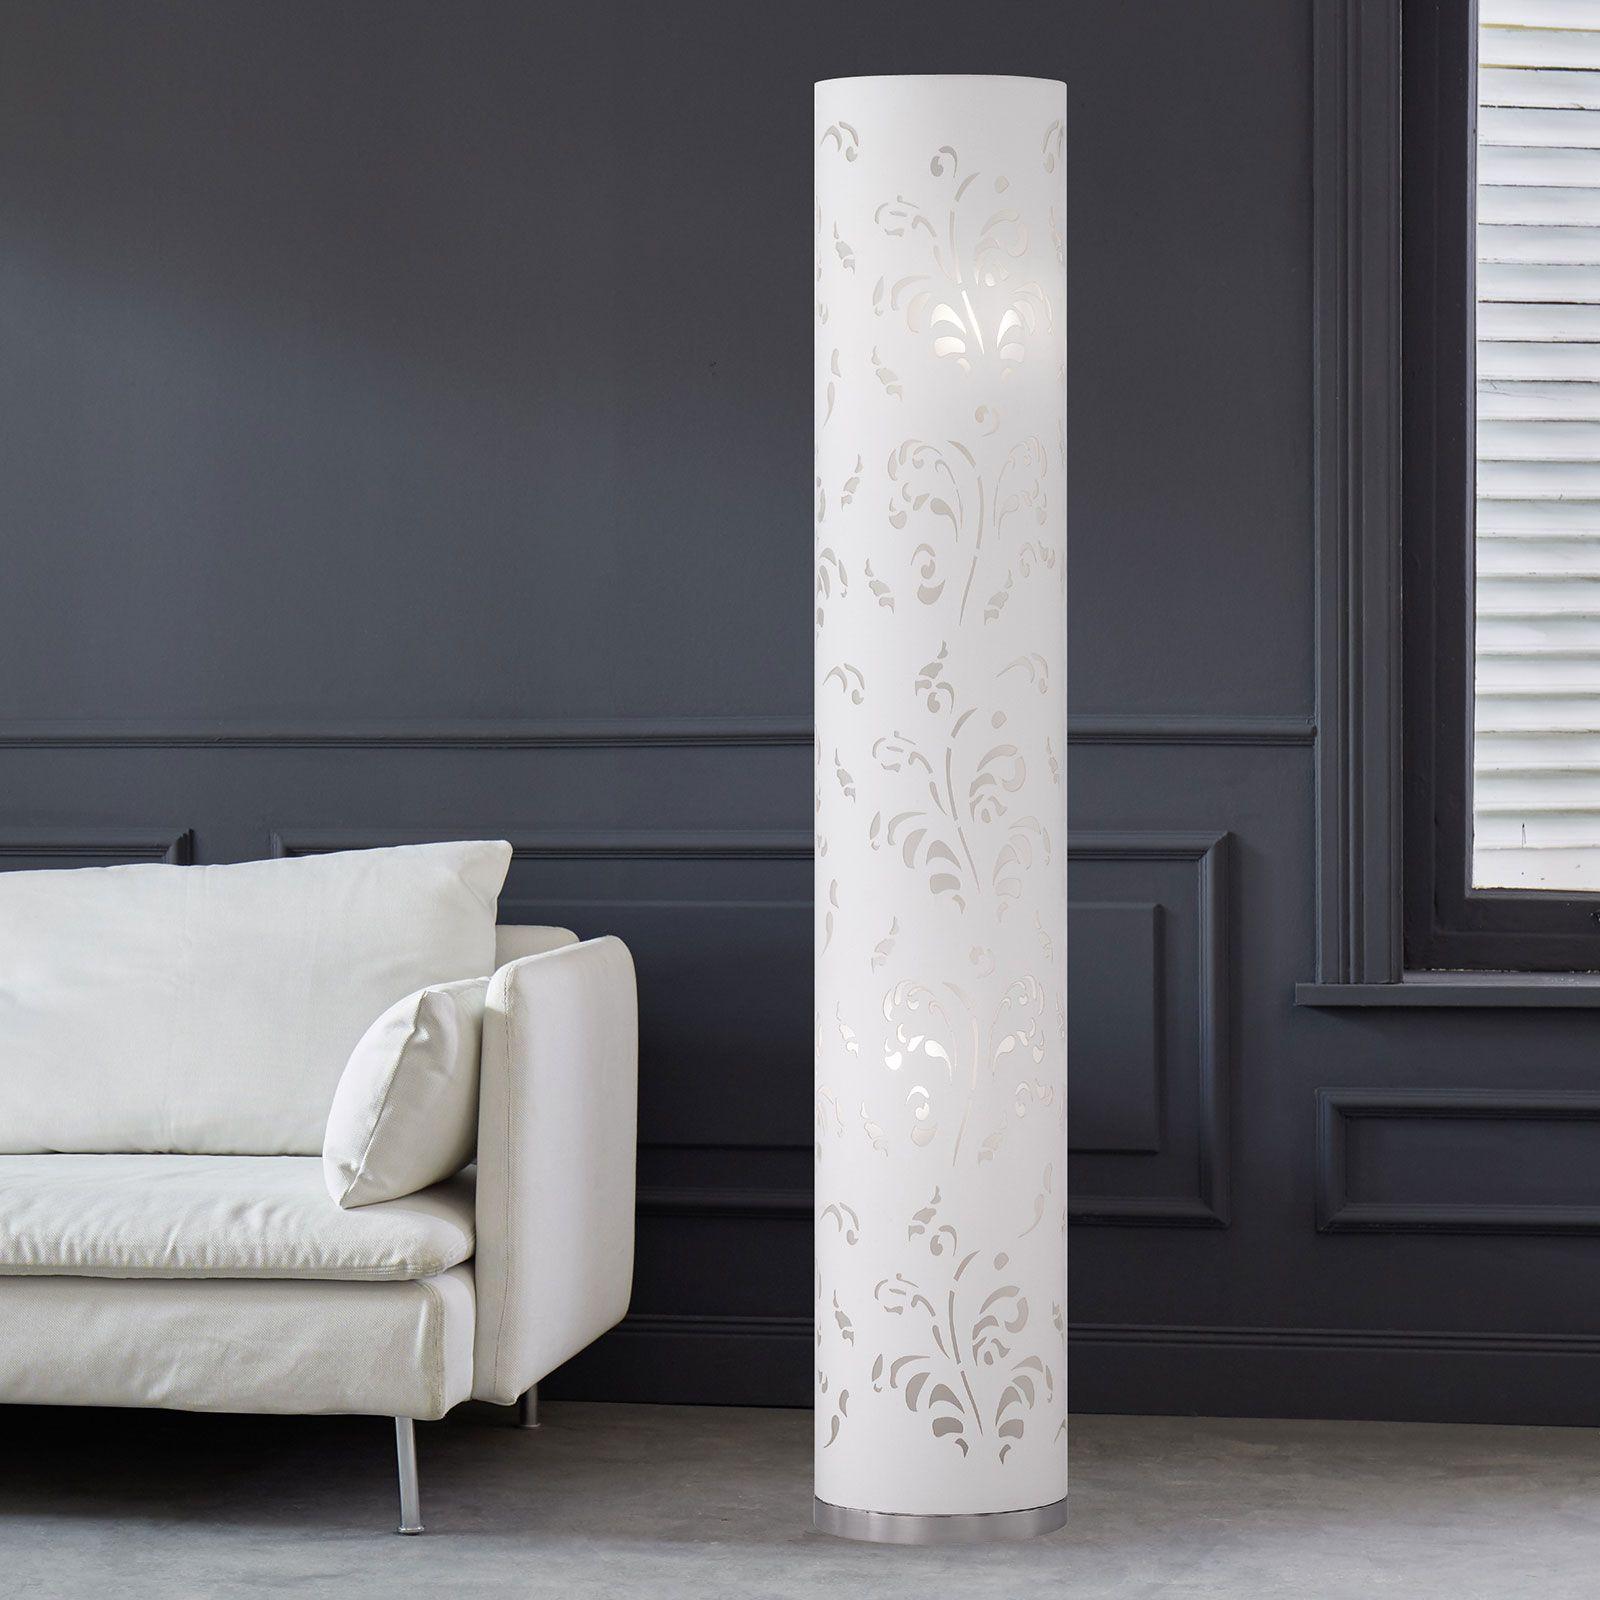 Stojací lampa Flora bílá sdekorem